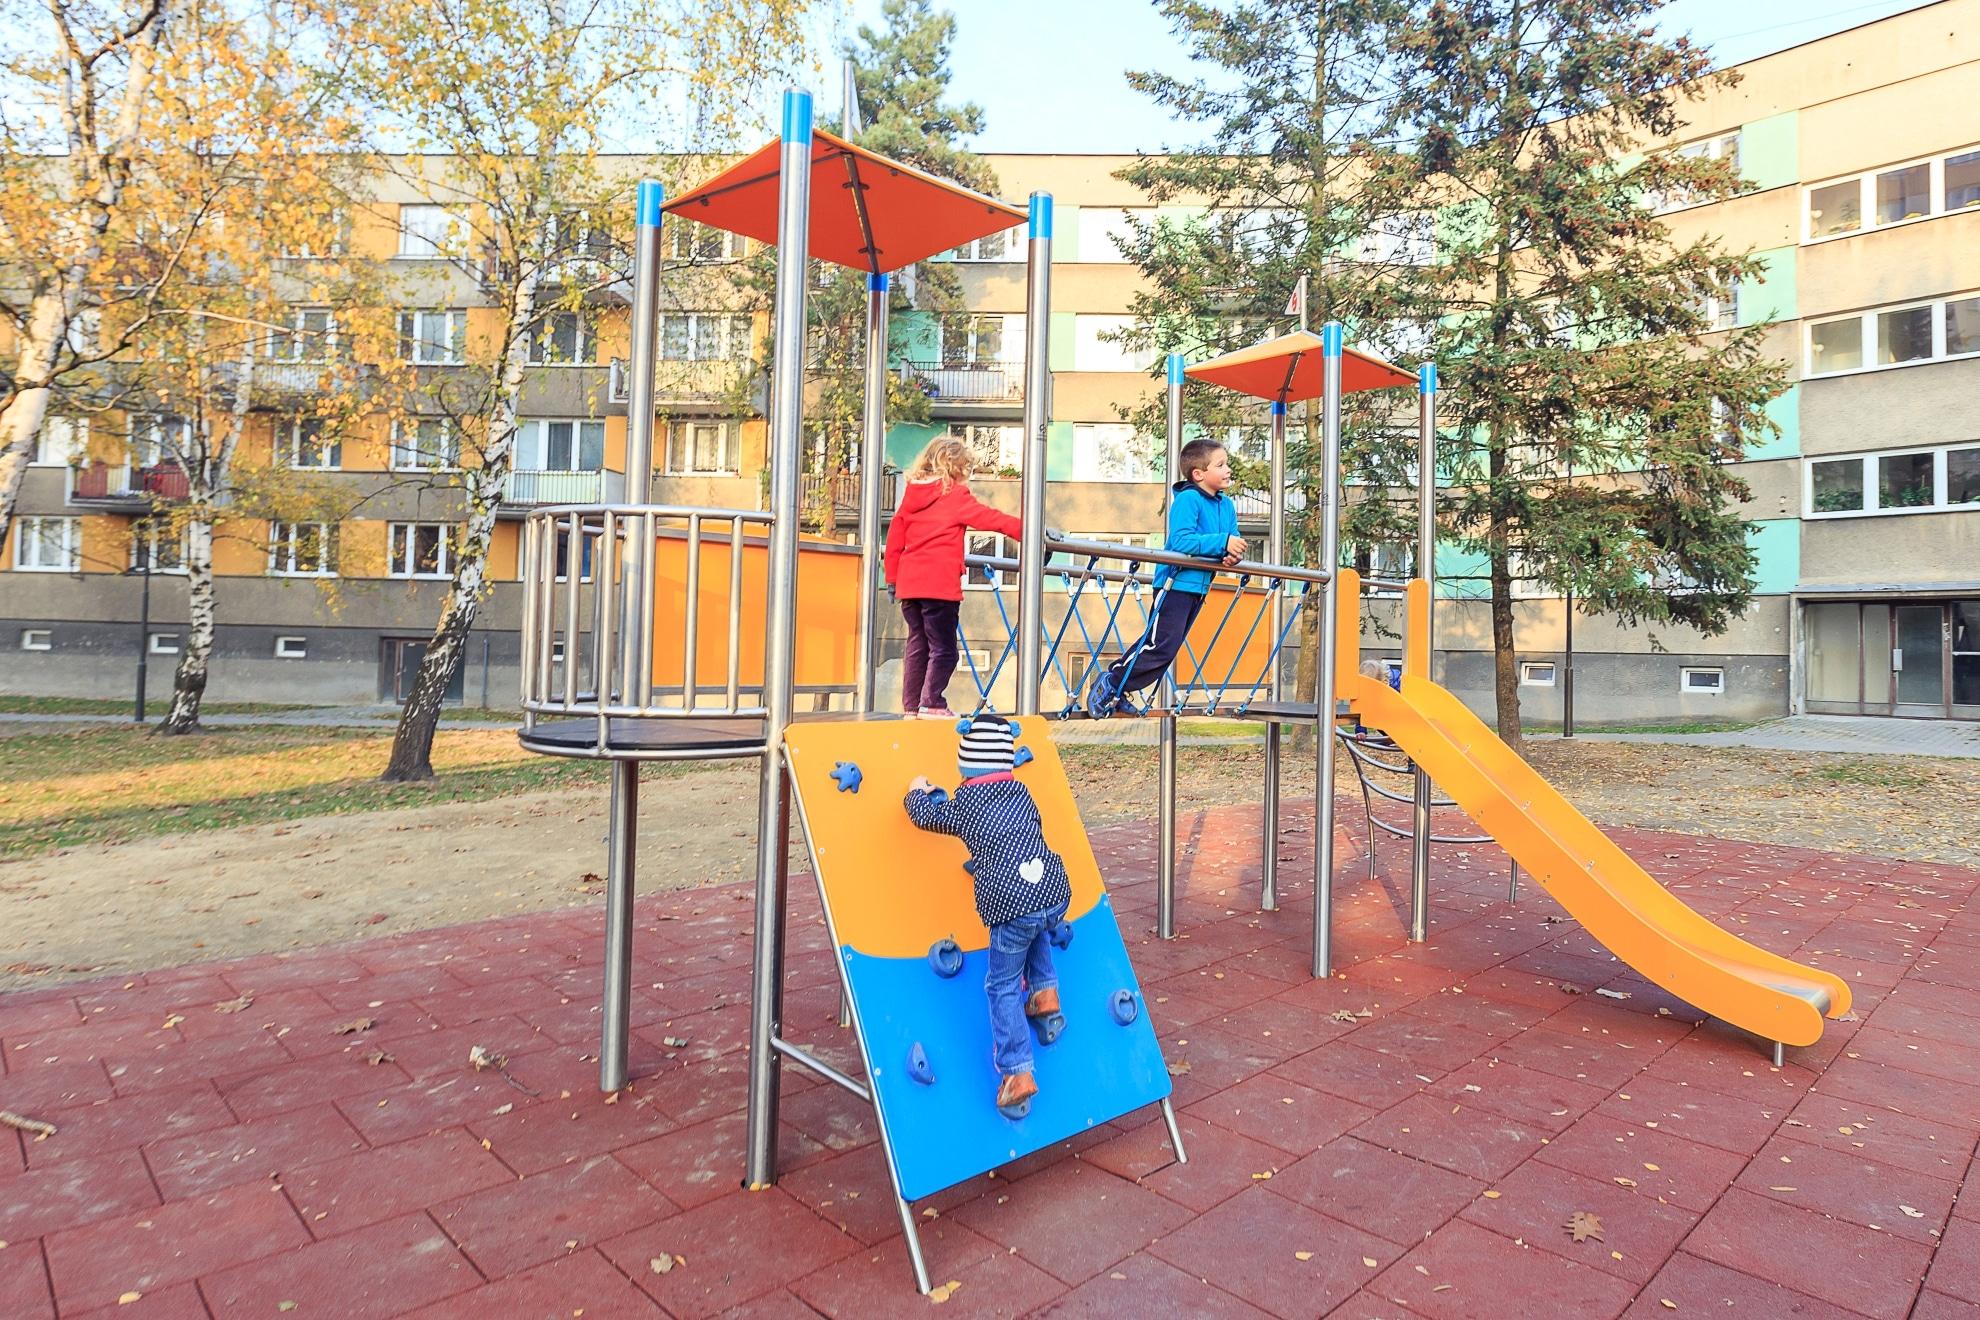 Kinder auf der Spielanlage Simon